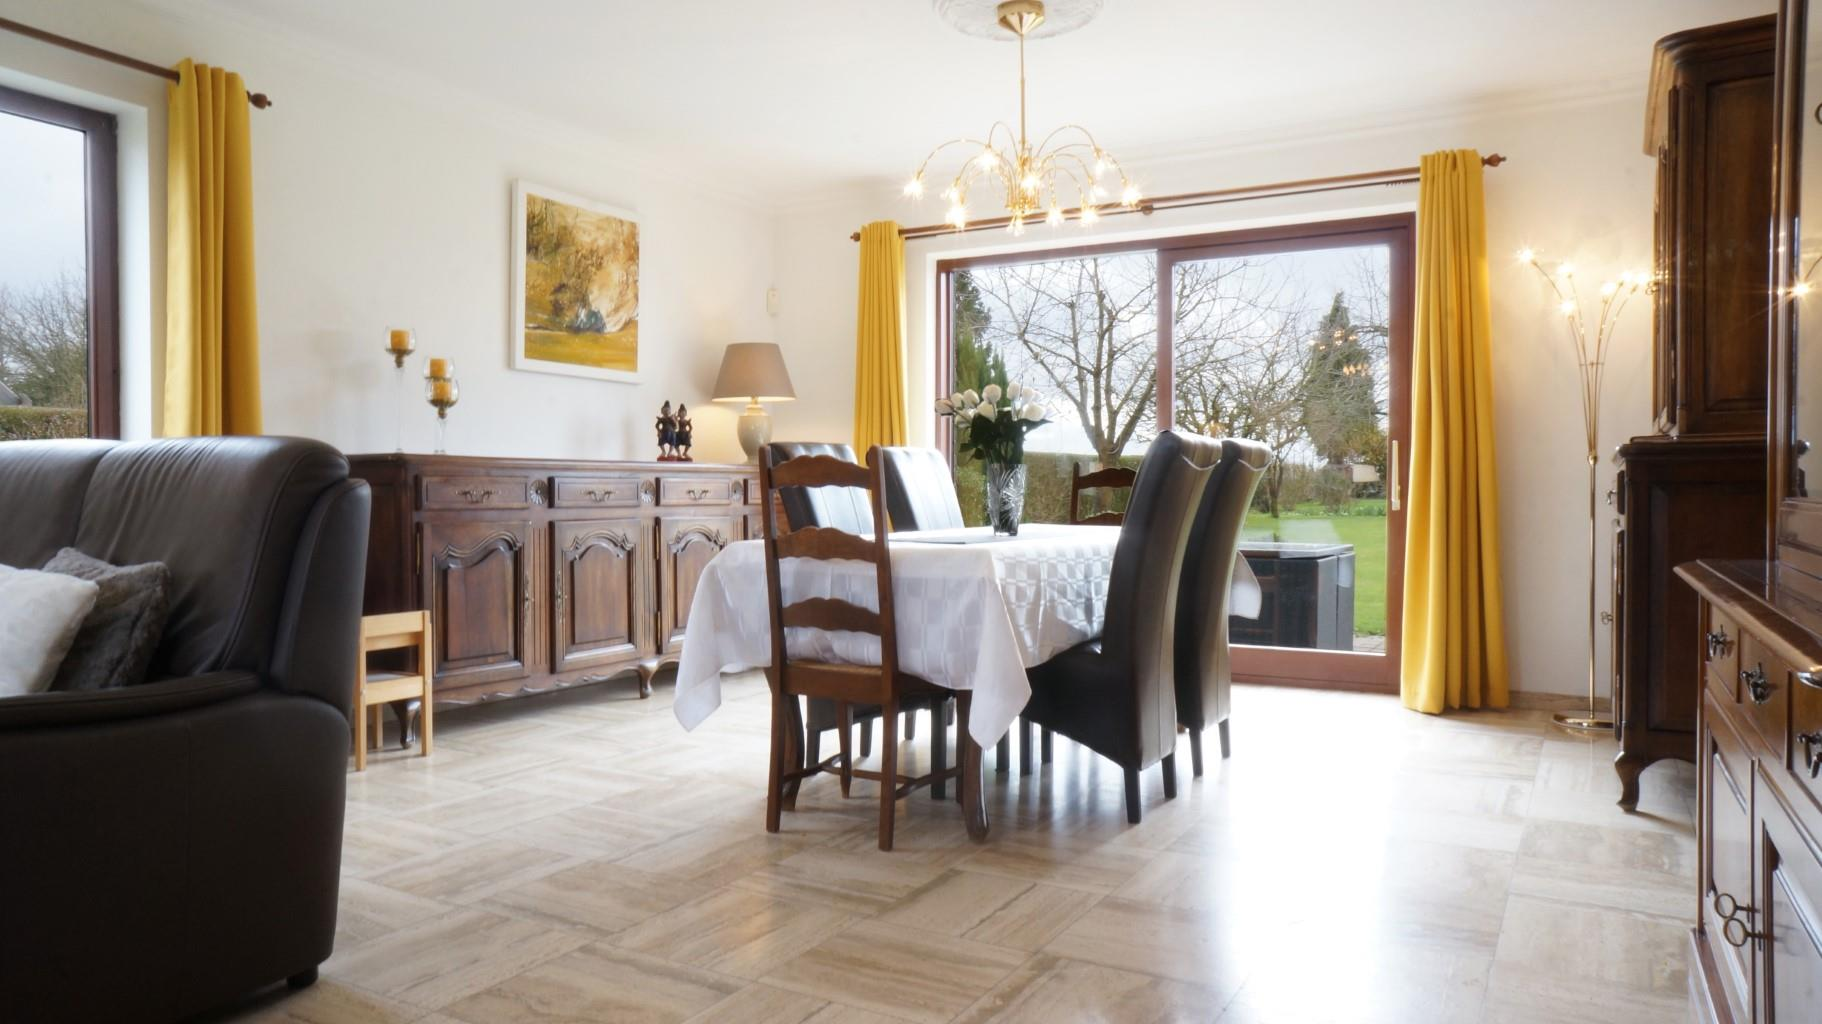 Maison - Perwez Thorembais-Saint-Trond - #4027352-2